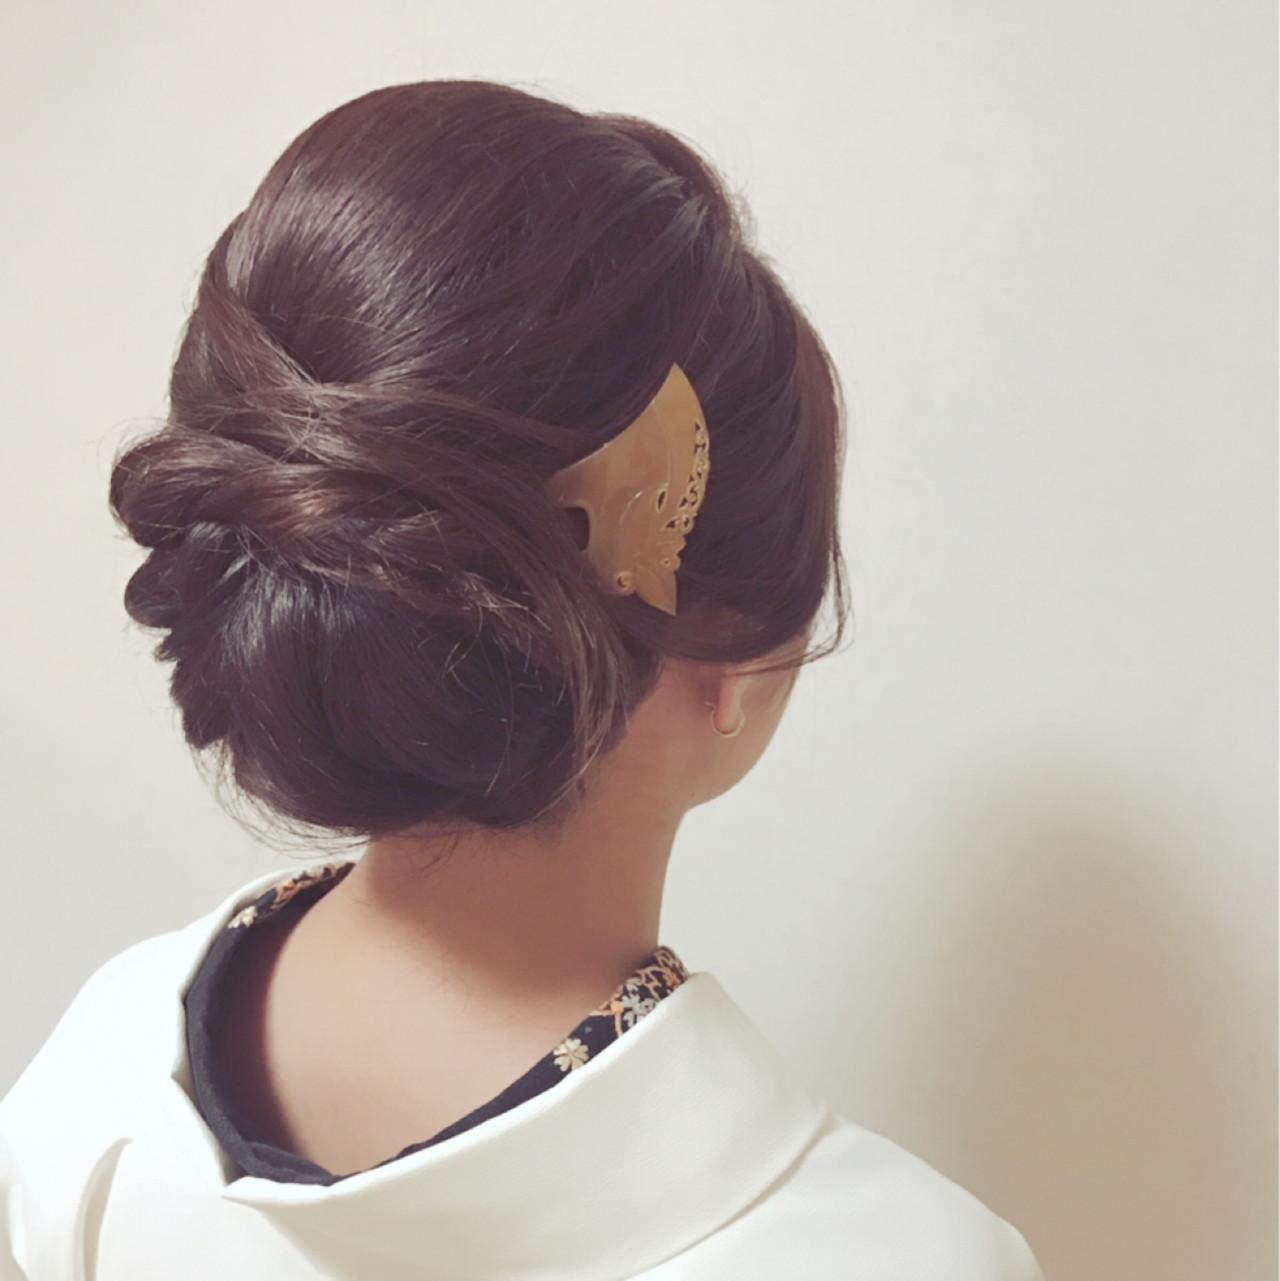 謝恩会 上品 こなれ感 セミロング ヘアスタイルや髪型の写真・画像 | Moriyama Mami / 福岡天神ヘアセット・着付け専門店【Three-keys】